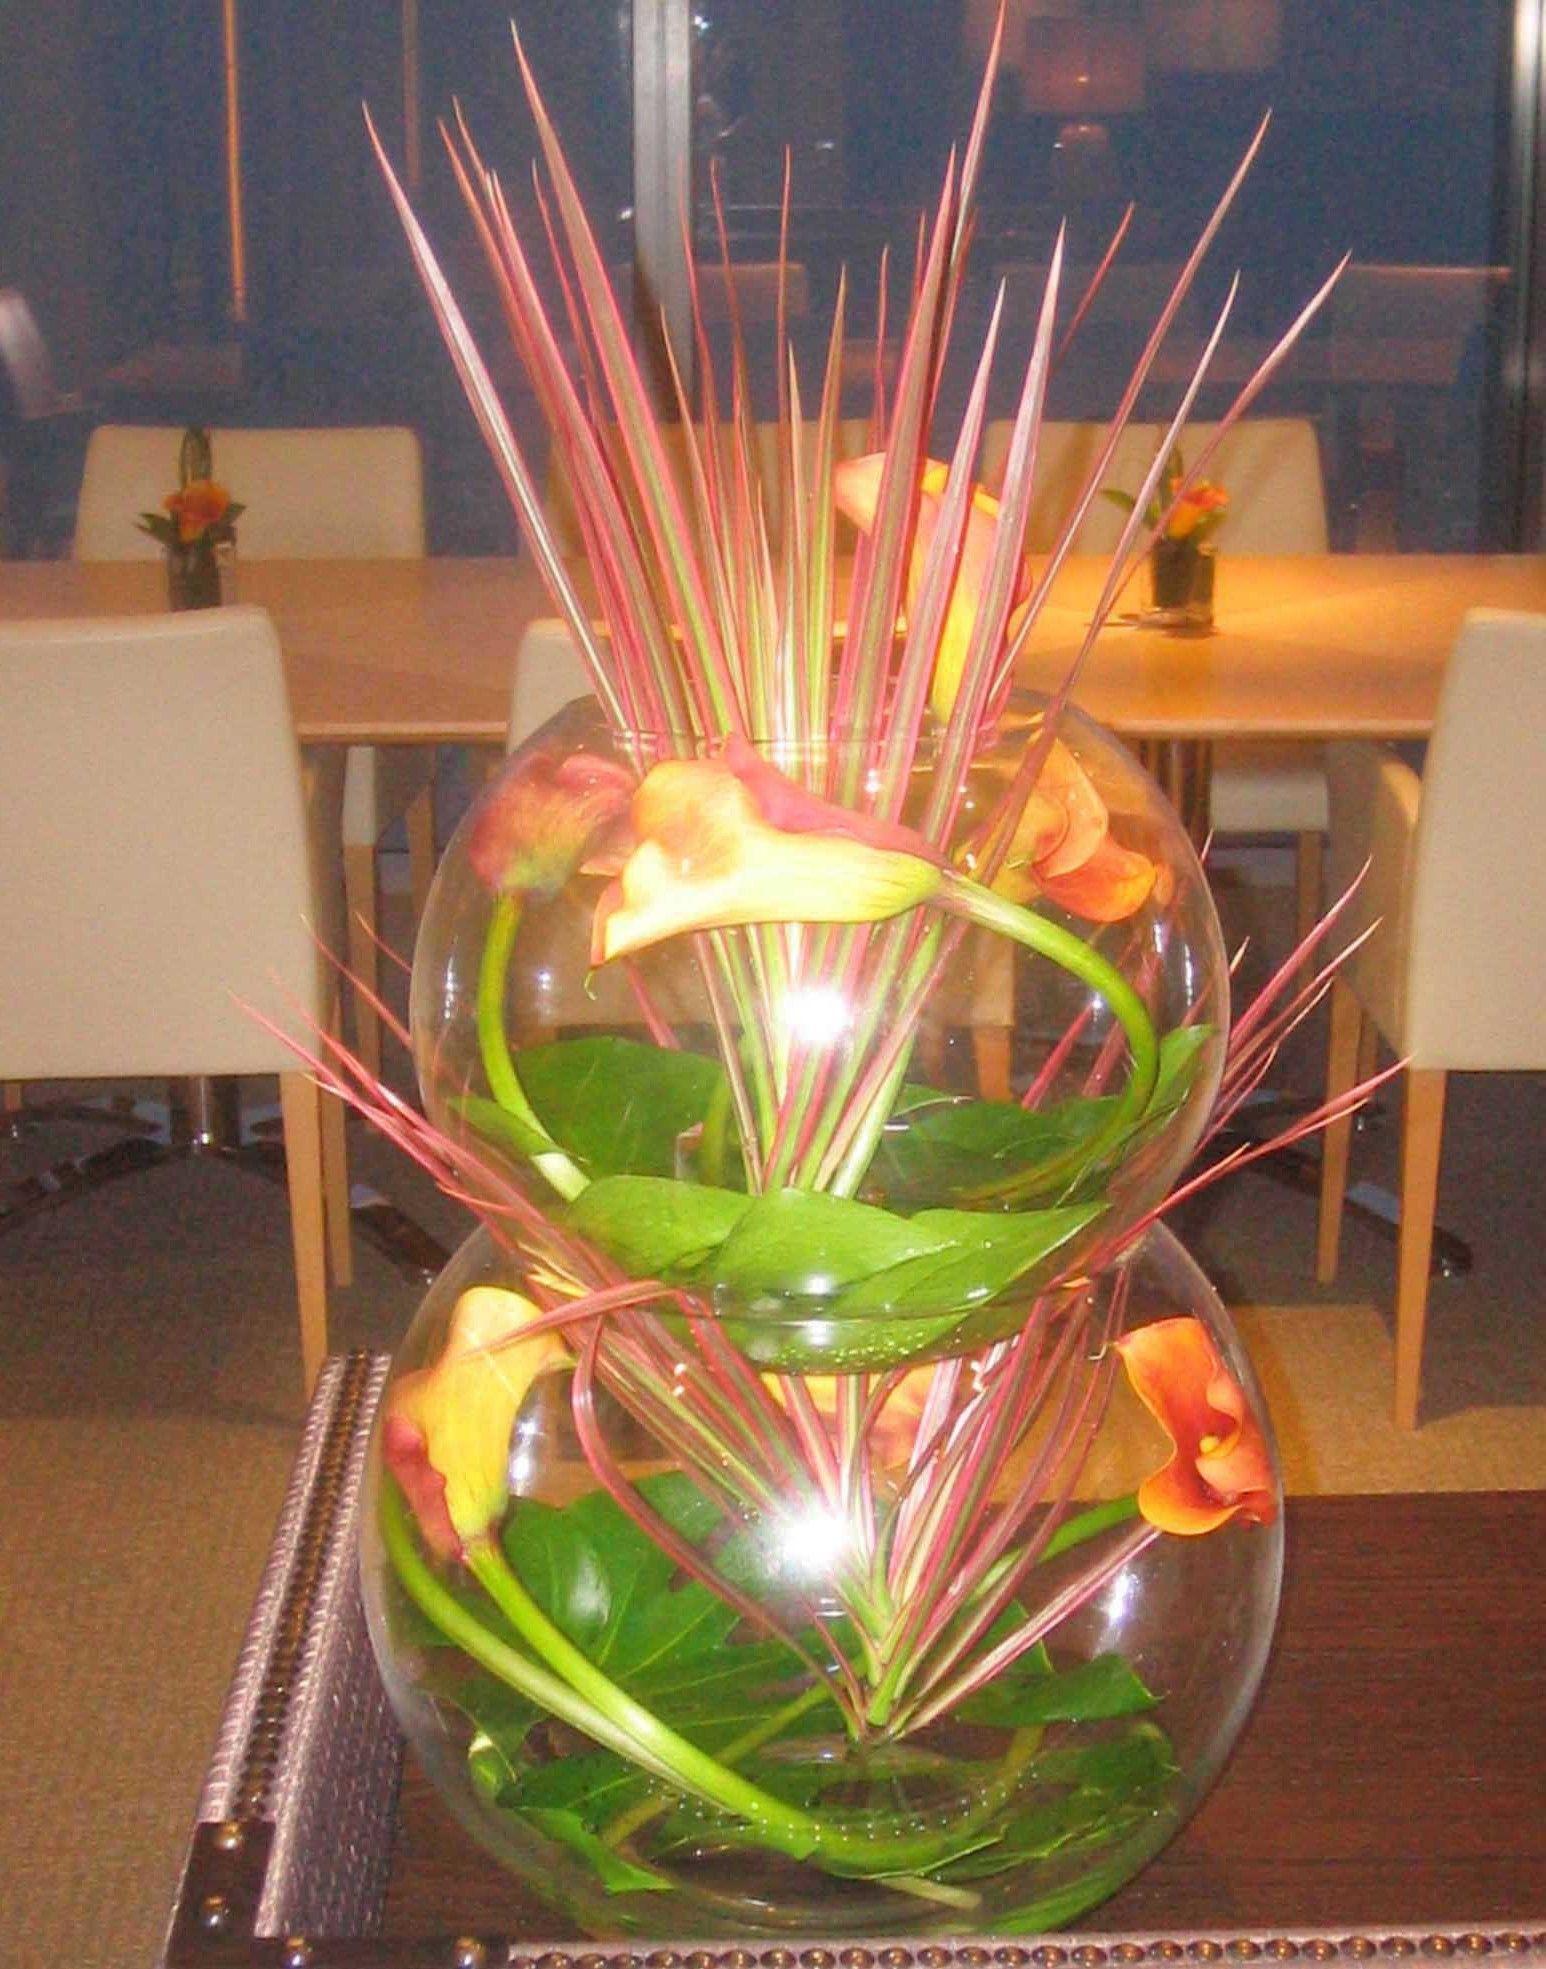 plant vase fish tank of glass fishbowl vase fresh awesome fish bowl wedding decorations inside glass fishbowl vase fresh awesome fish bowl wedding decorations